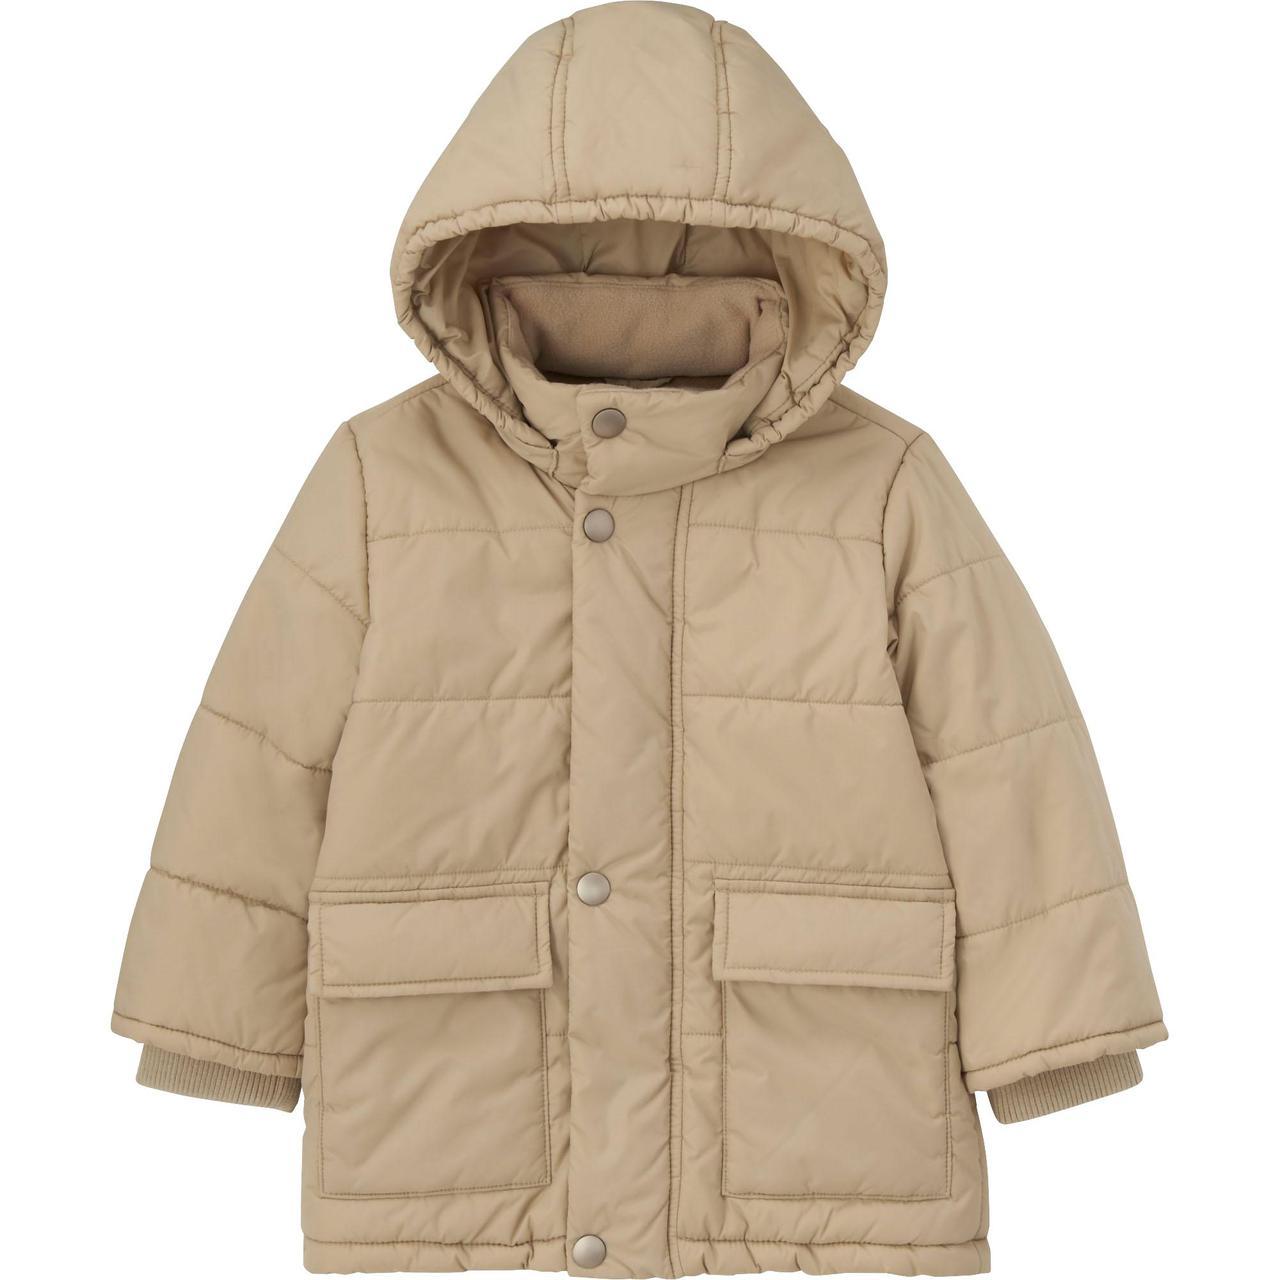 Куртка детская Uniqlo toddler body warm lite coat BIEGE